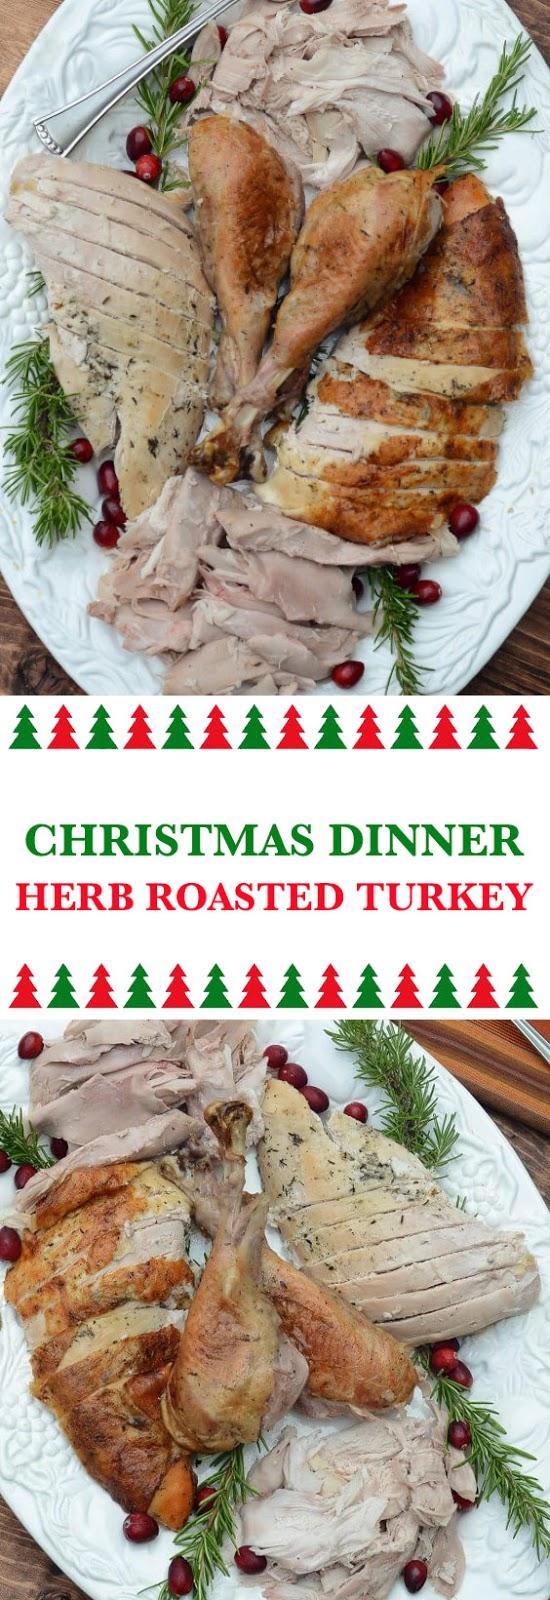 Christmas Dinner Herb Roasted Turkey